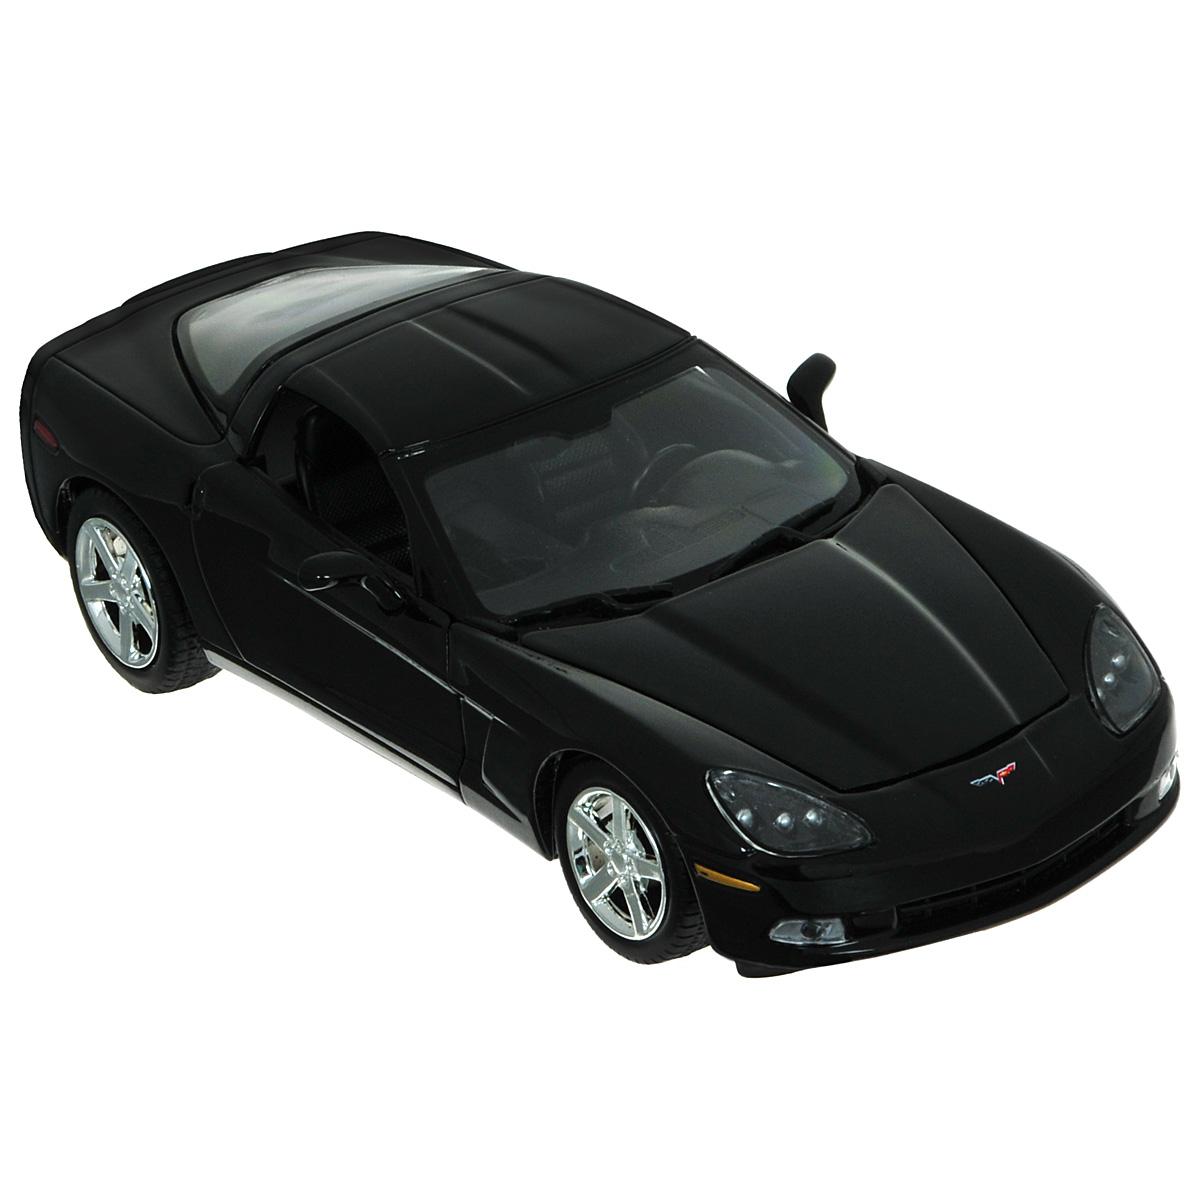 MotorMax Модель автомобиля Corvette C6 2005 motormax модель автомобиля corvette 1967 цвет черный